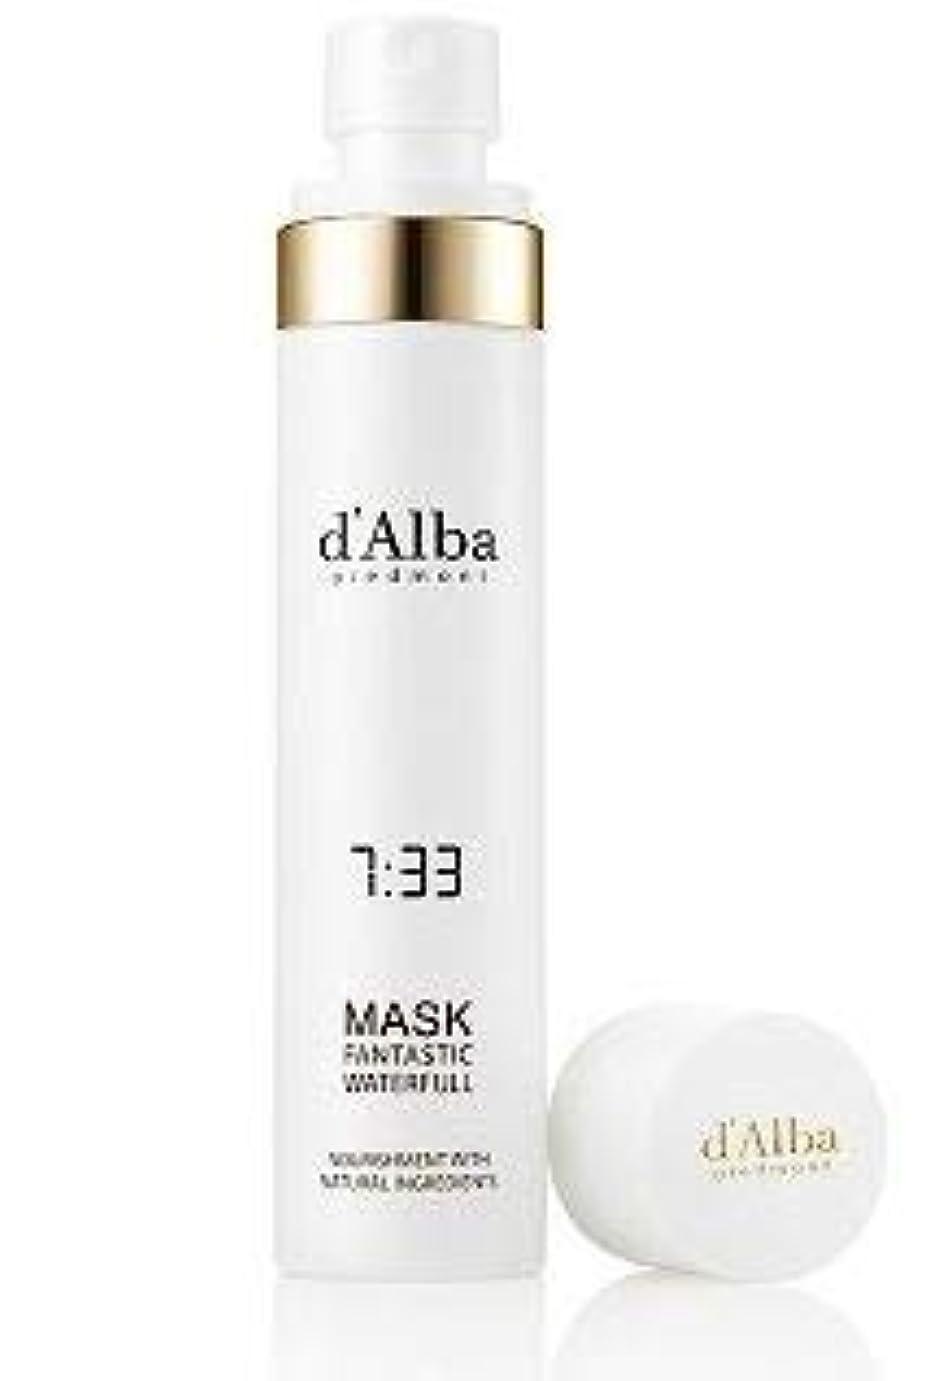 帰する上級立場[dAlba] Fantastic Waterfull Spray Mask 100ml /[ダルバ] ファンタスティック ウォーターフォール マスク100ml [並行輸入品]